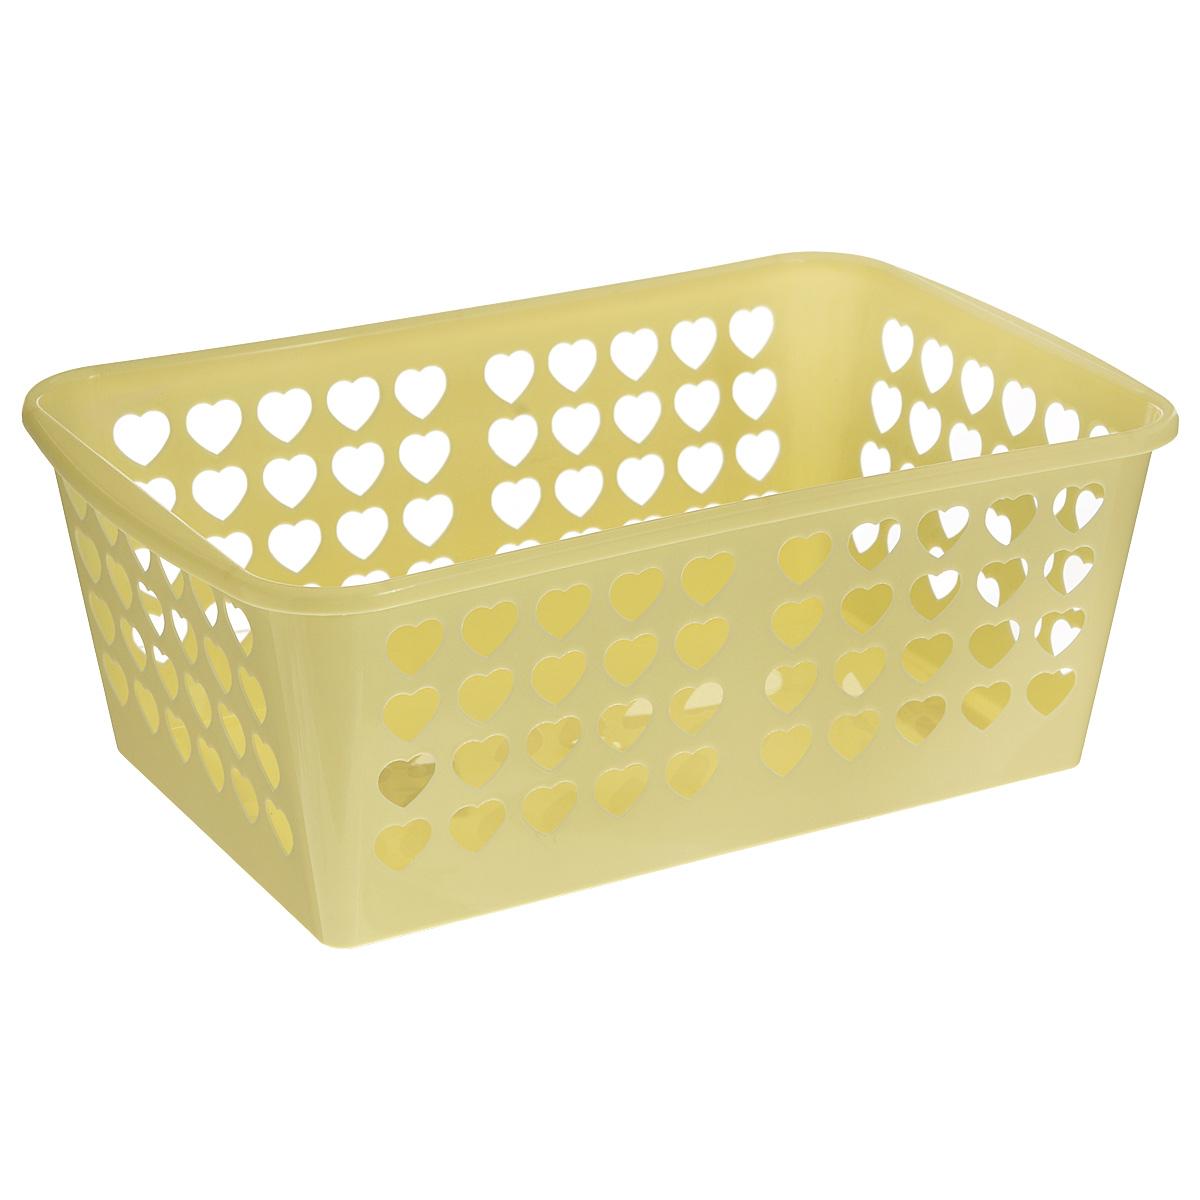 Корзина Альтернатива Вдохновение, цвет: желтый, 30 х 20 х 11,5 смTD 0033Корзина Альтернатива Вдохновение выполнена из пластика и оформлена перфорацией в виде сердечек. Изделие имеет сплошное дно и жесткую кромку. Корзина предназначена для хранения мелочей в ванной, на кухне, на даче или в гараже. Позволяет хранить мелкие вещи, исключая возможность их потери.